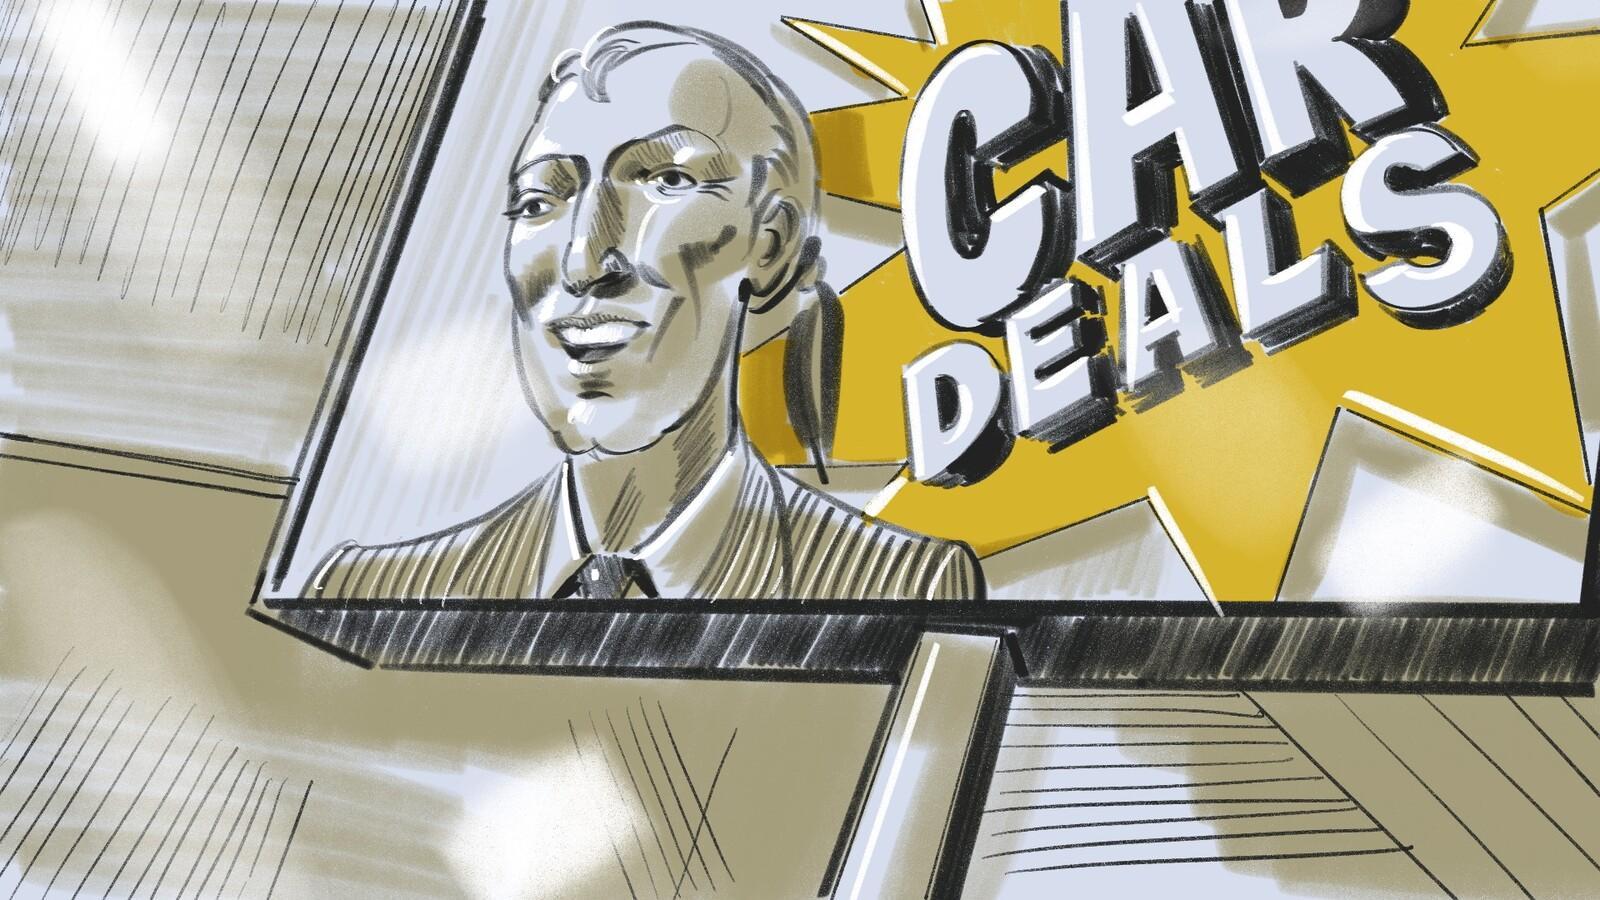 FRAME #24-POV-Low-Floating: Mick's POV looking up at banner: ... and spots Raeks' smiling mug splashed across a dealership banner hanging above.